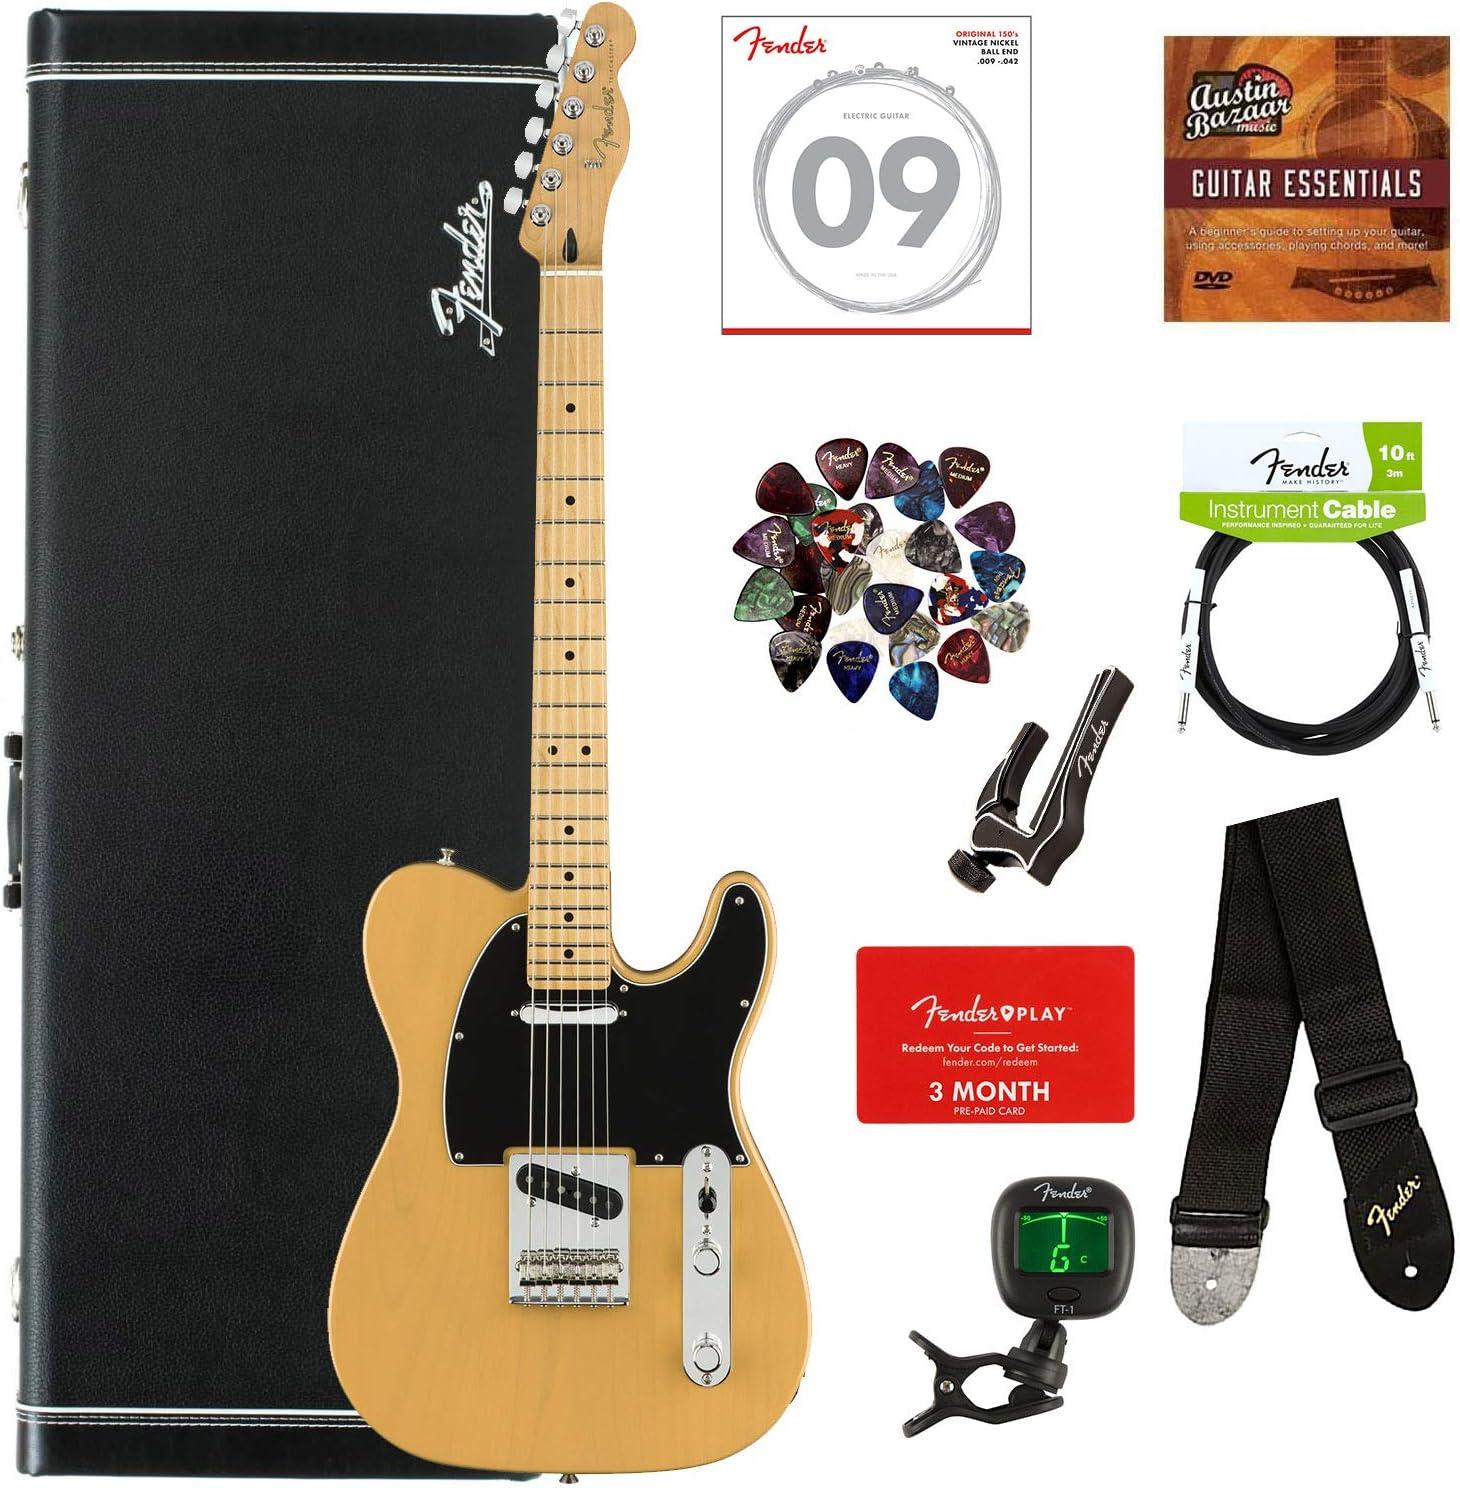 Fender Player paquete de guitarra con estuche rígido: Amazon.es: Instrumentos musicales